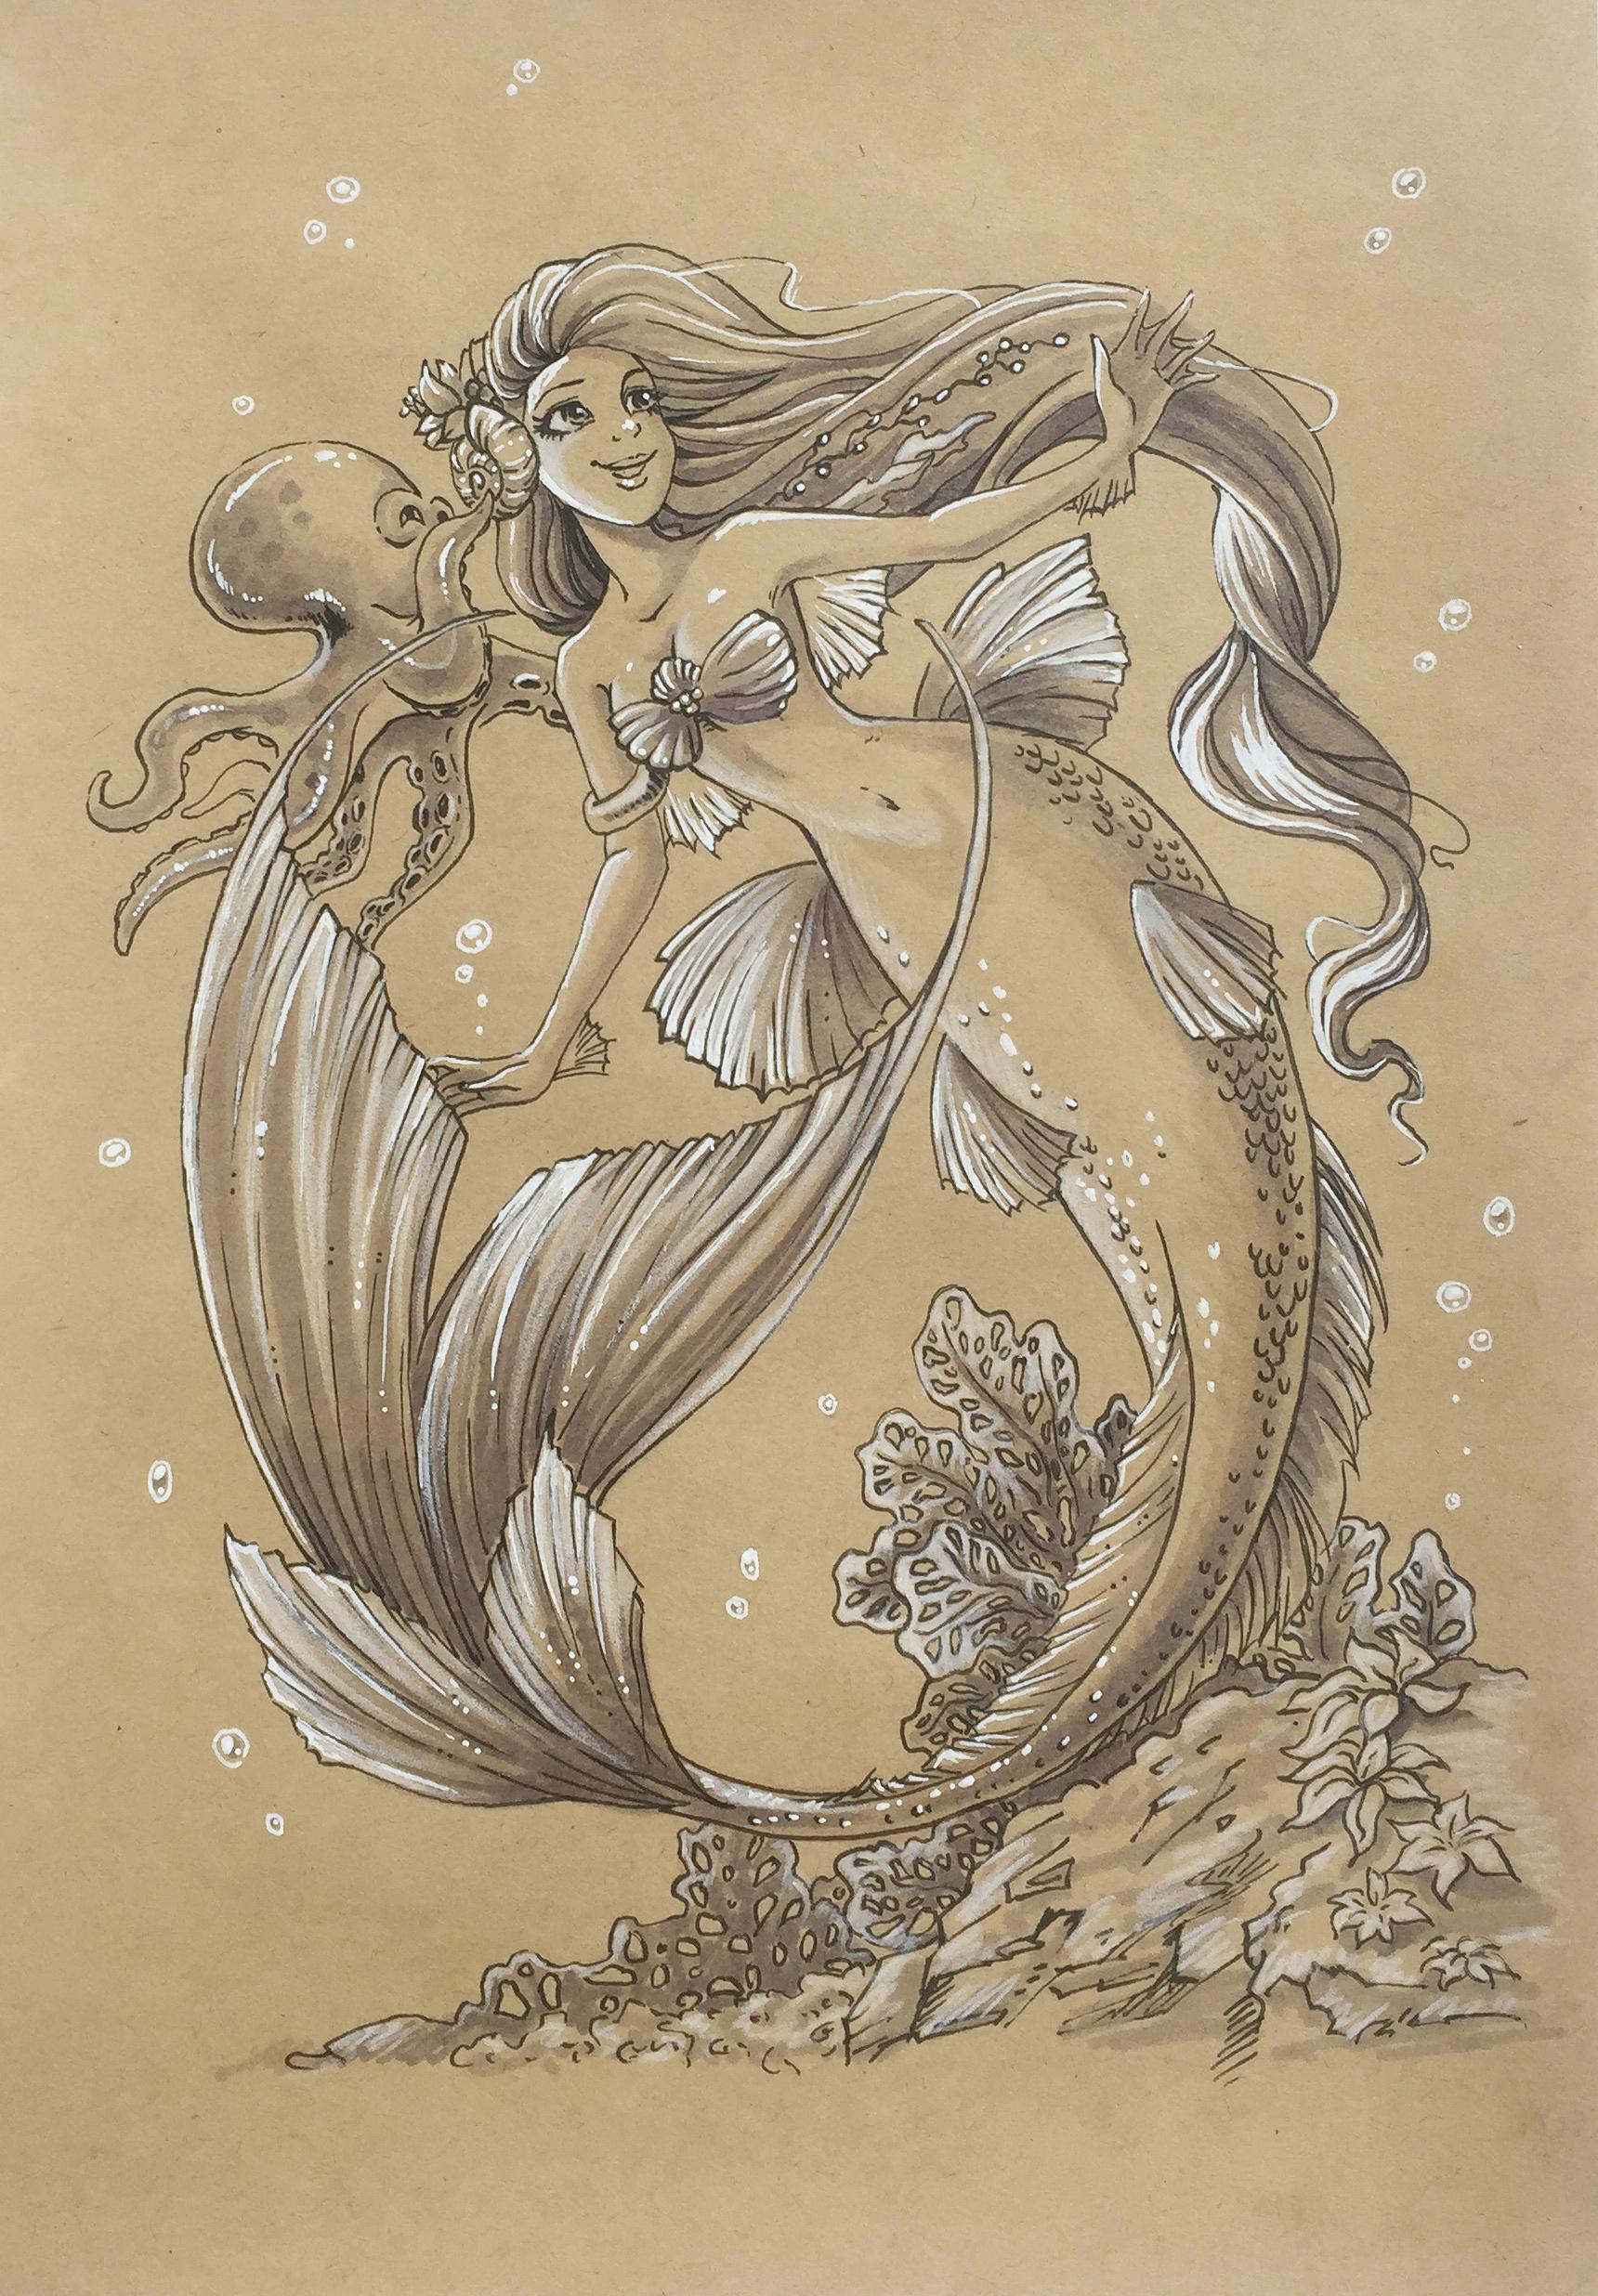 手绘美人鱼和奇妙仙子小叮当